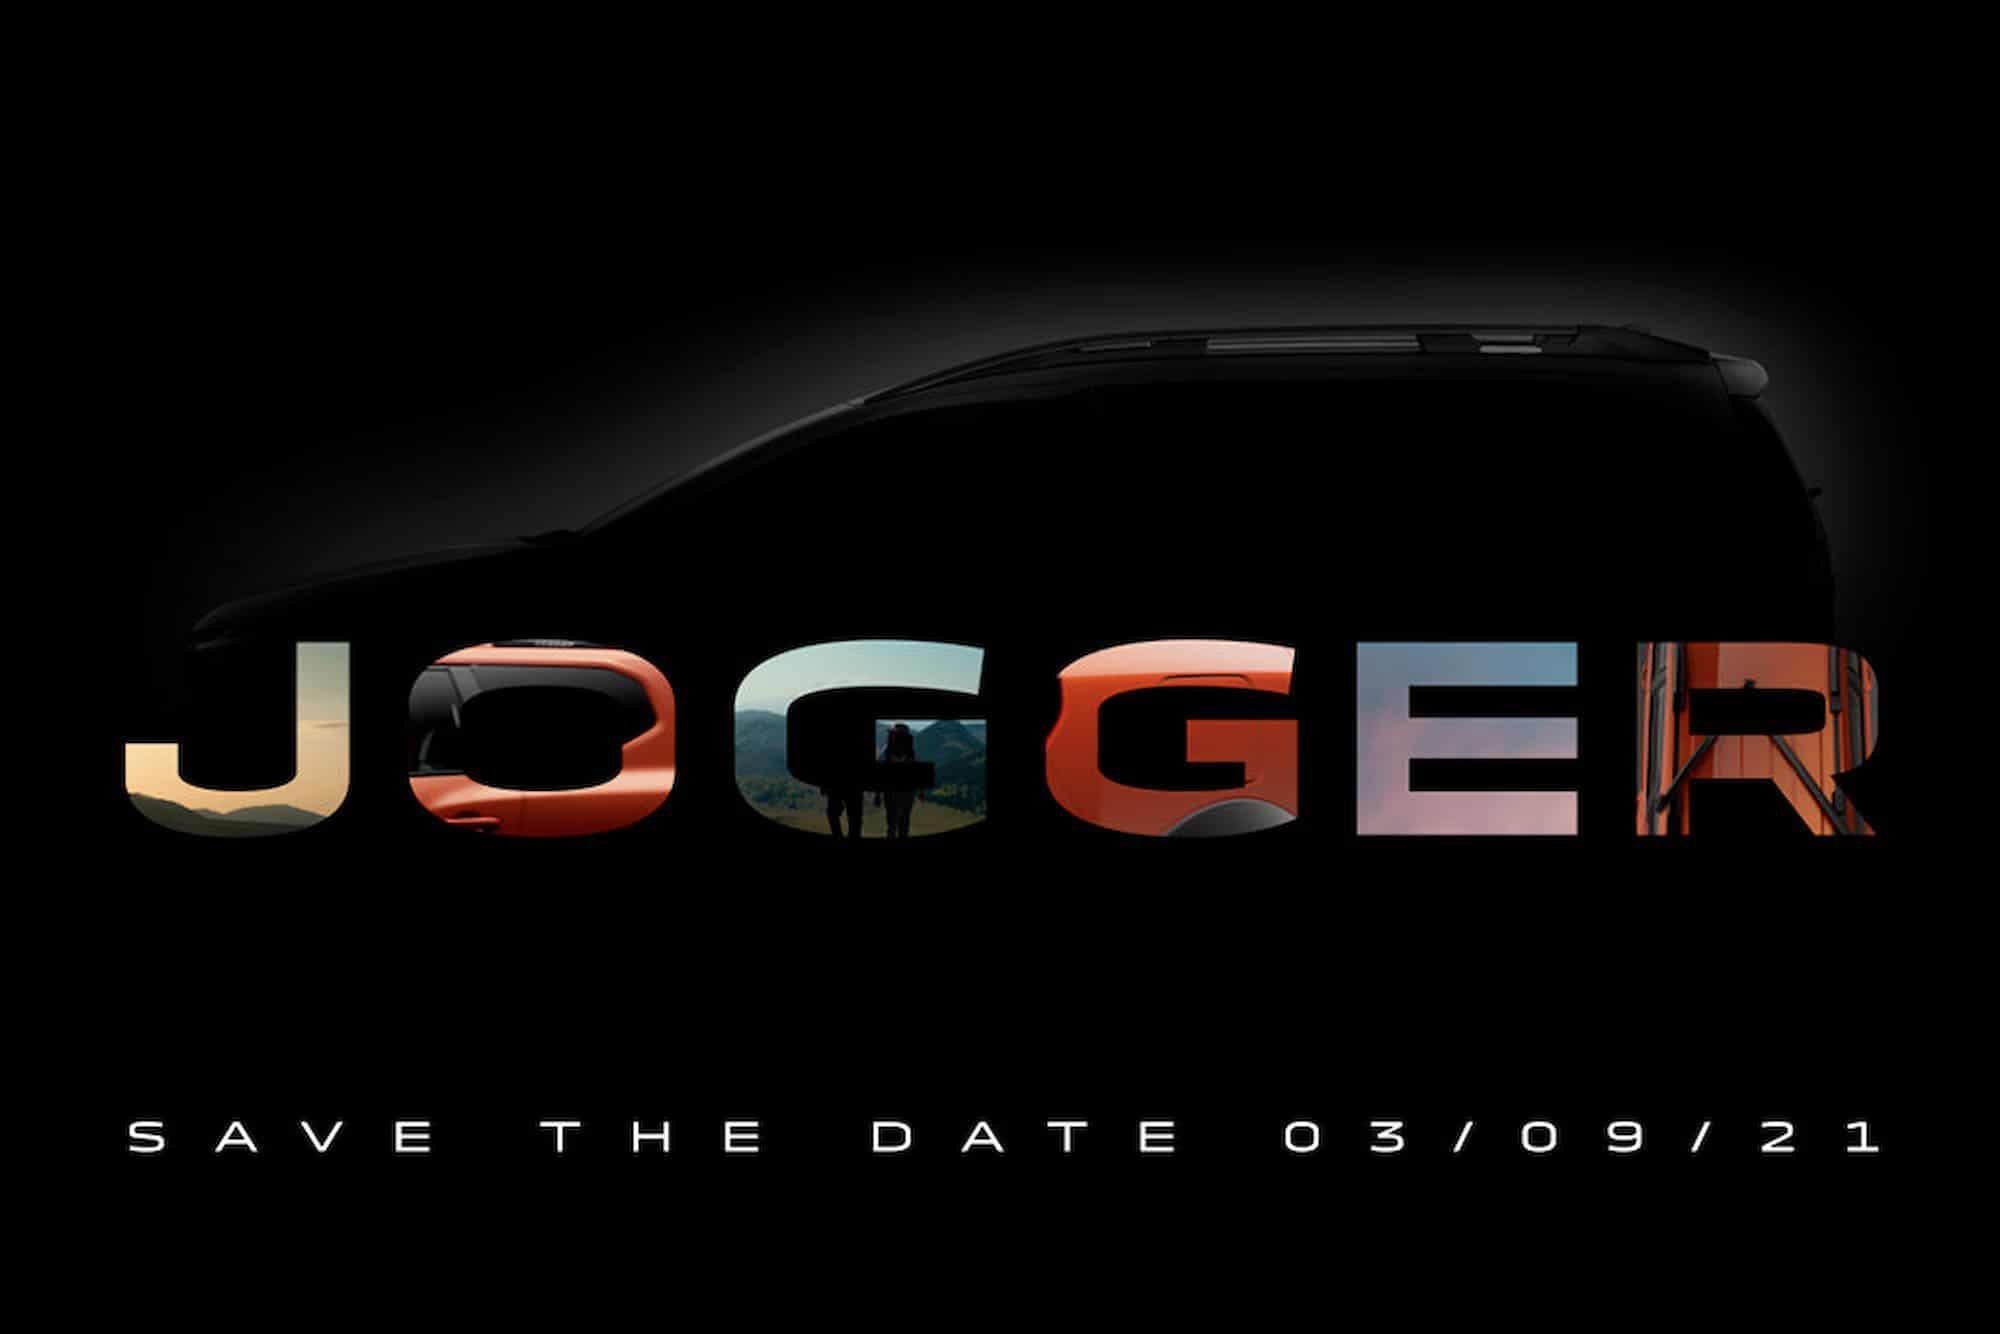 2021 Dacia Jogger1 d 850